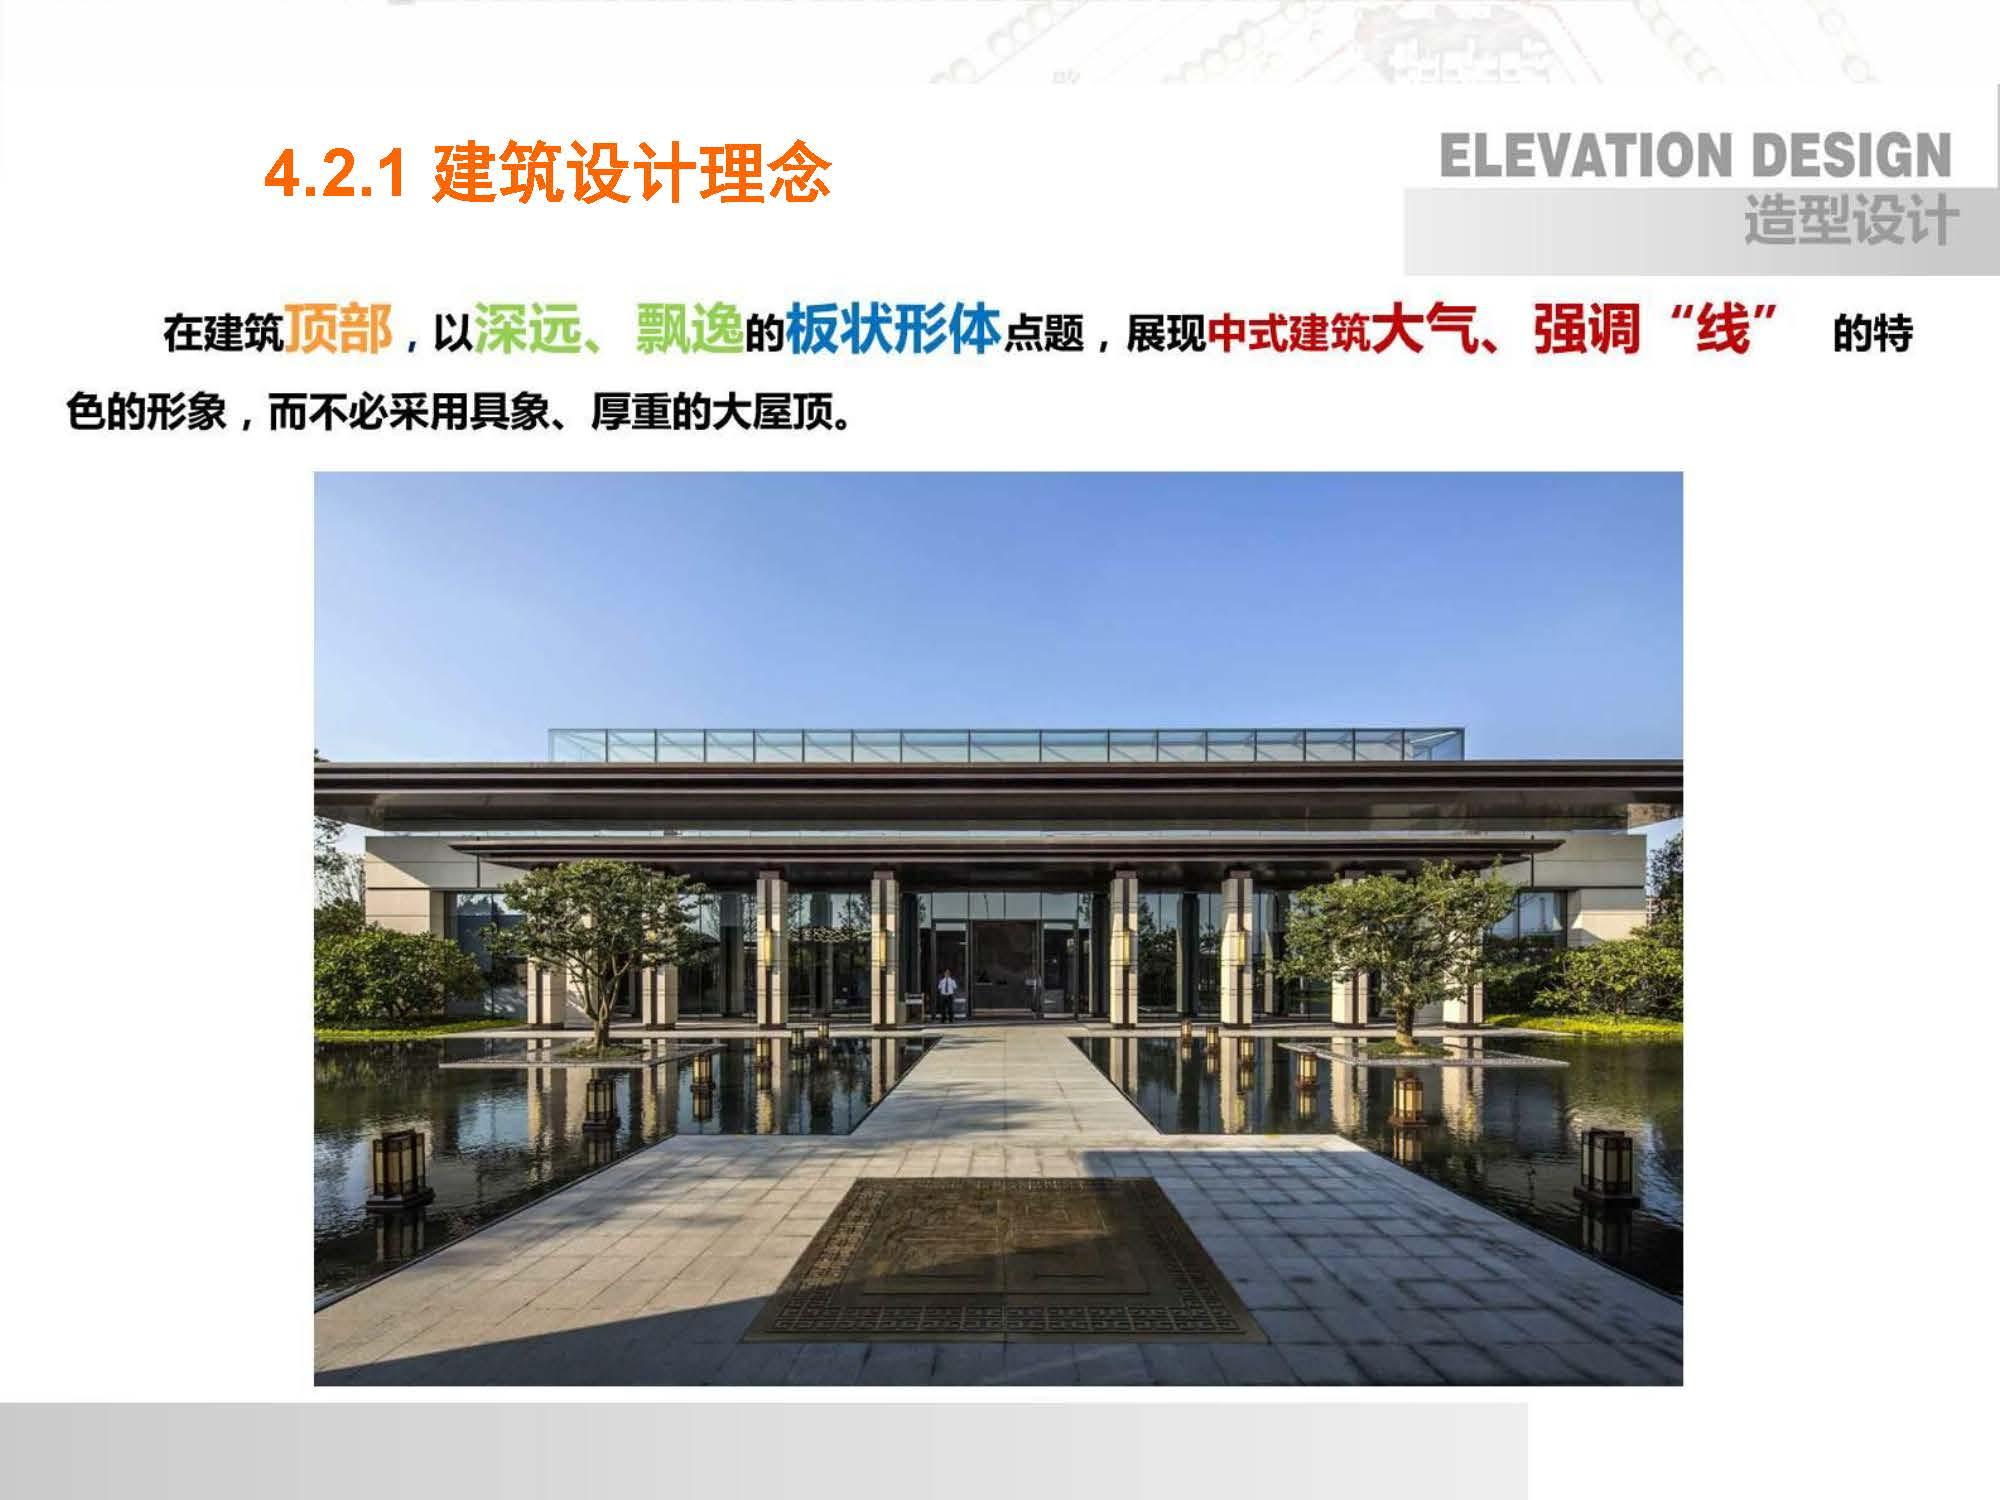 中海沈阳销售手册20180809--EPG--建筑设计理念及亮点 _页面_23.jpg